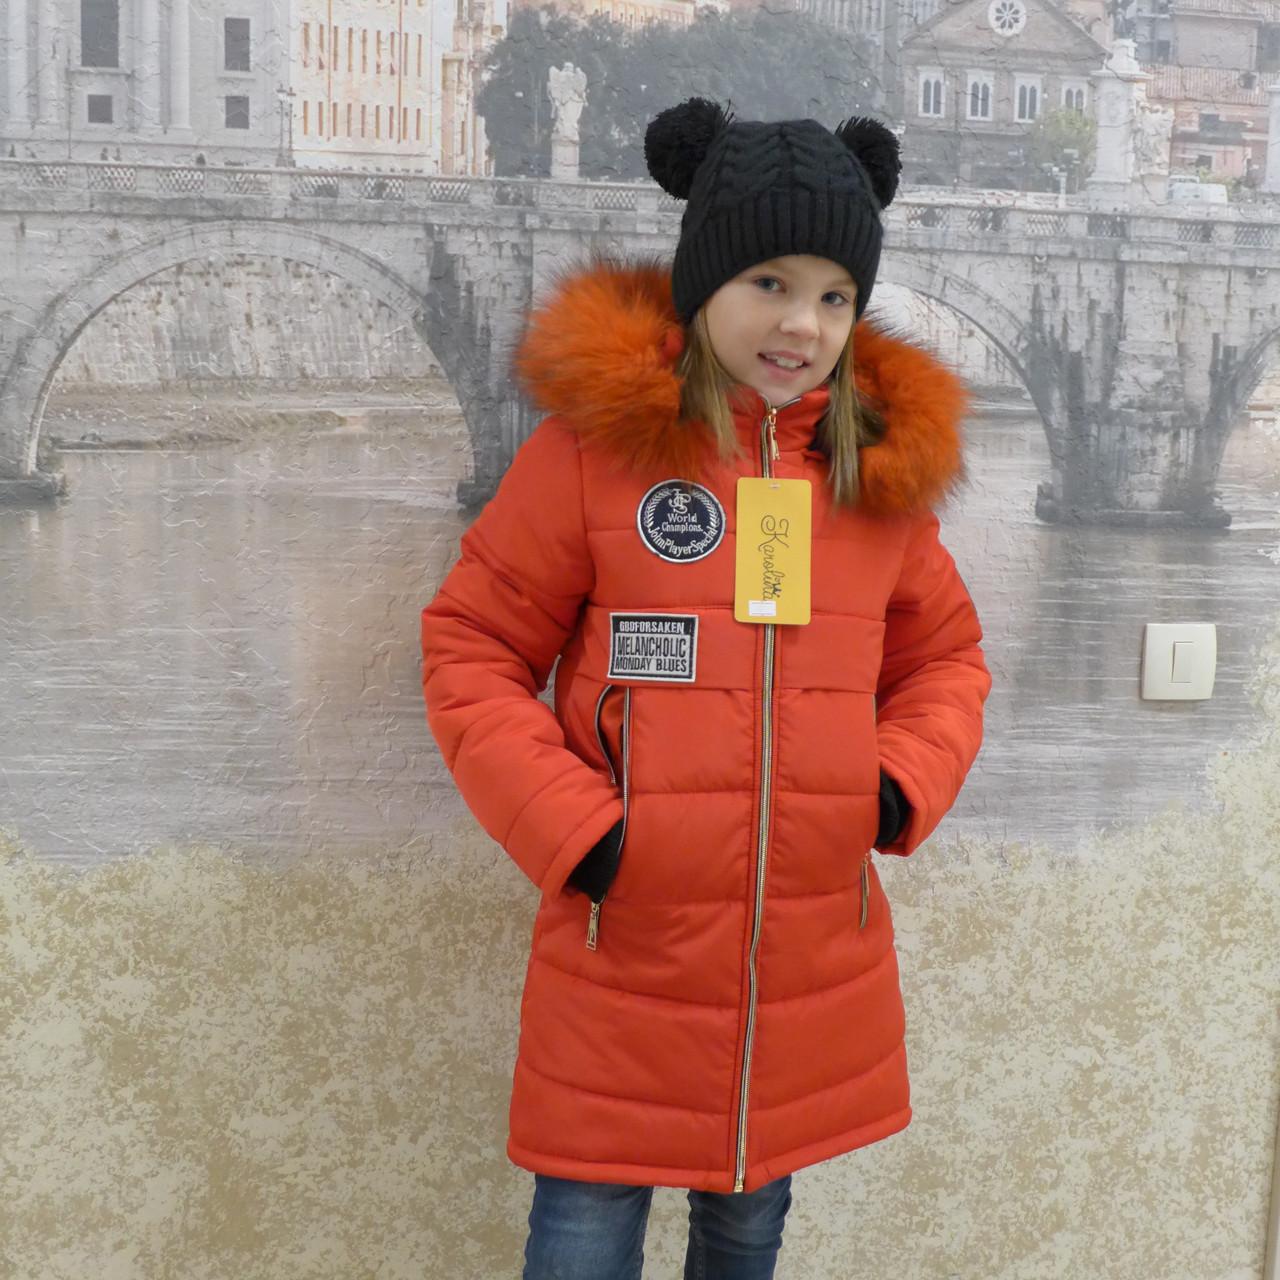 Детская одежда.  Пальто зимнее - Бренд(красный)                         )